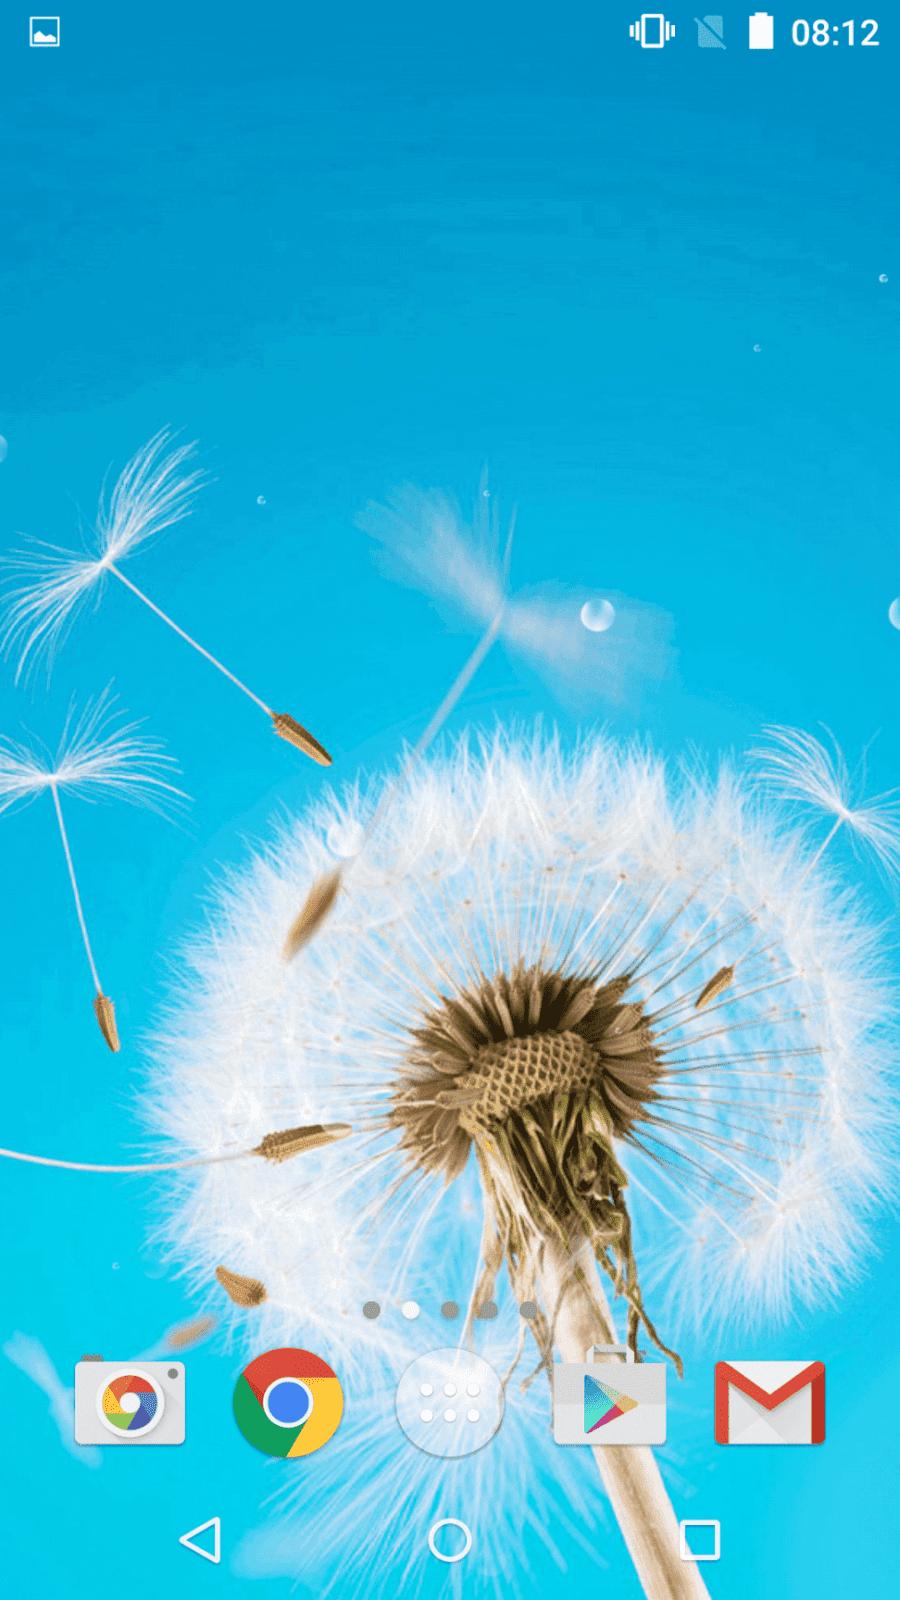 Весна, цветы обои 3Д - Природа ХД скриншот 4